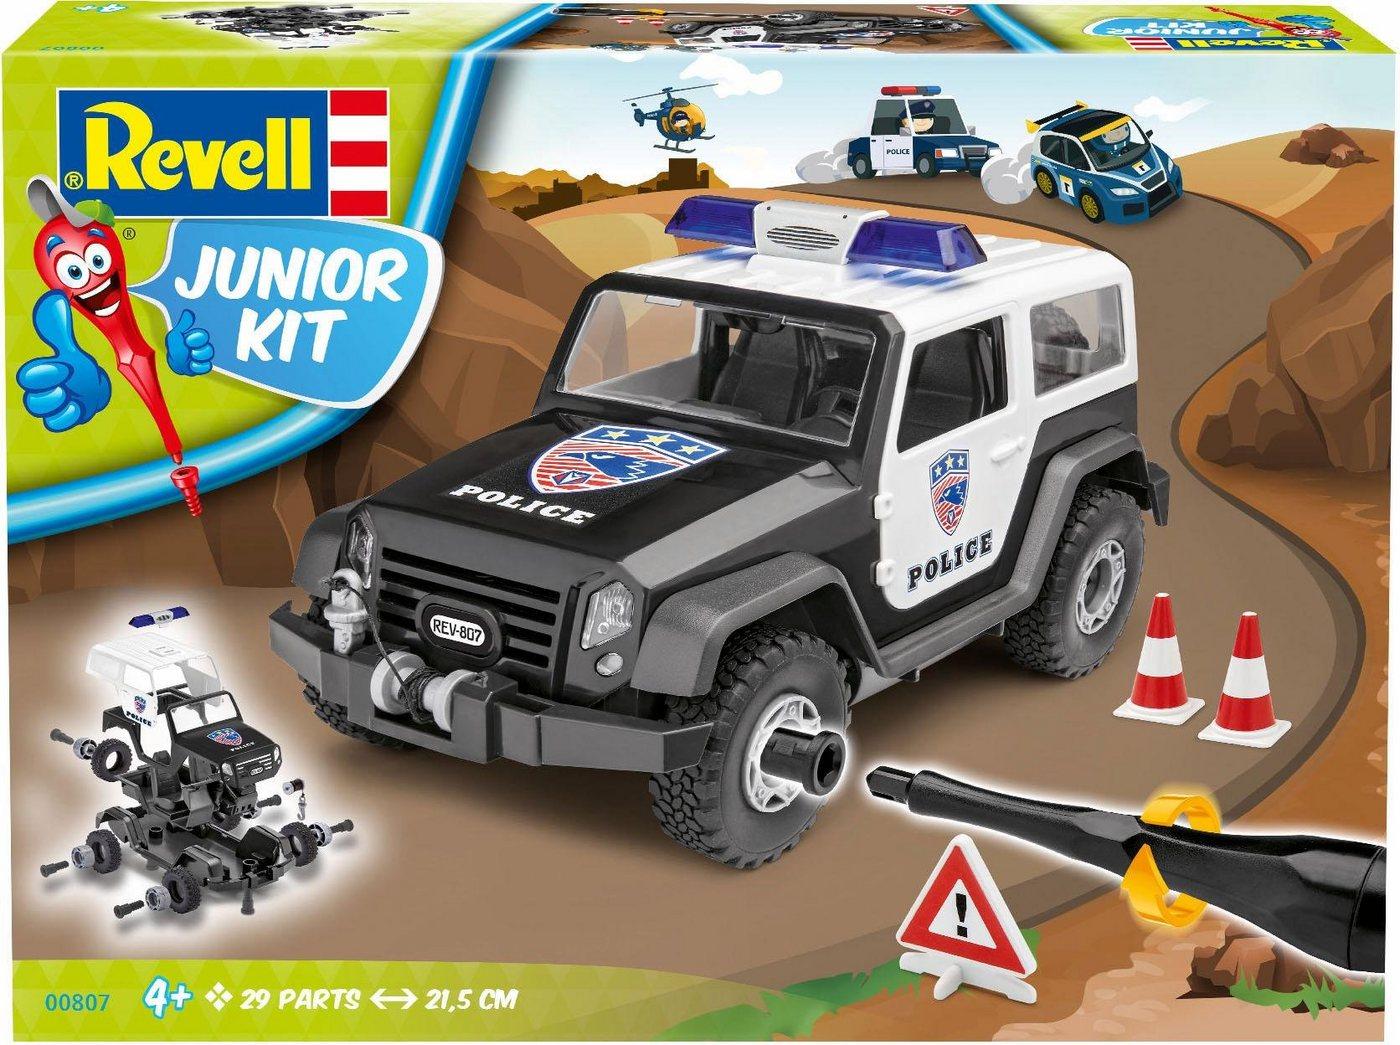 Revell Modellbausatz Auto, »Junior Kit Geländewagen Polizei«